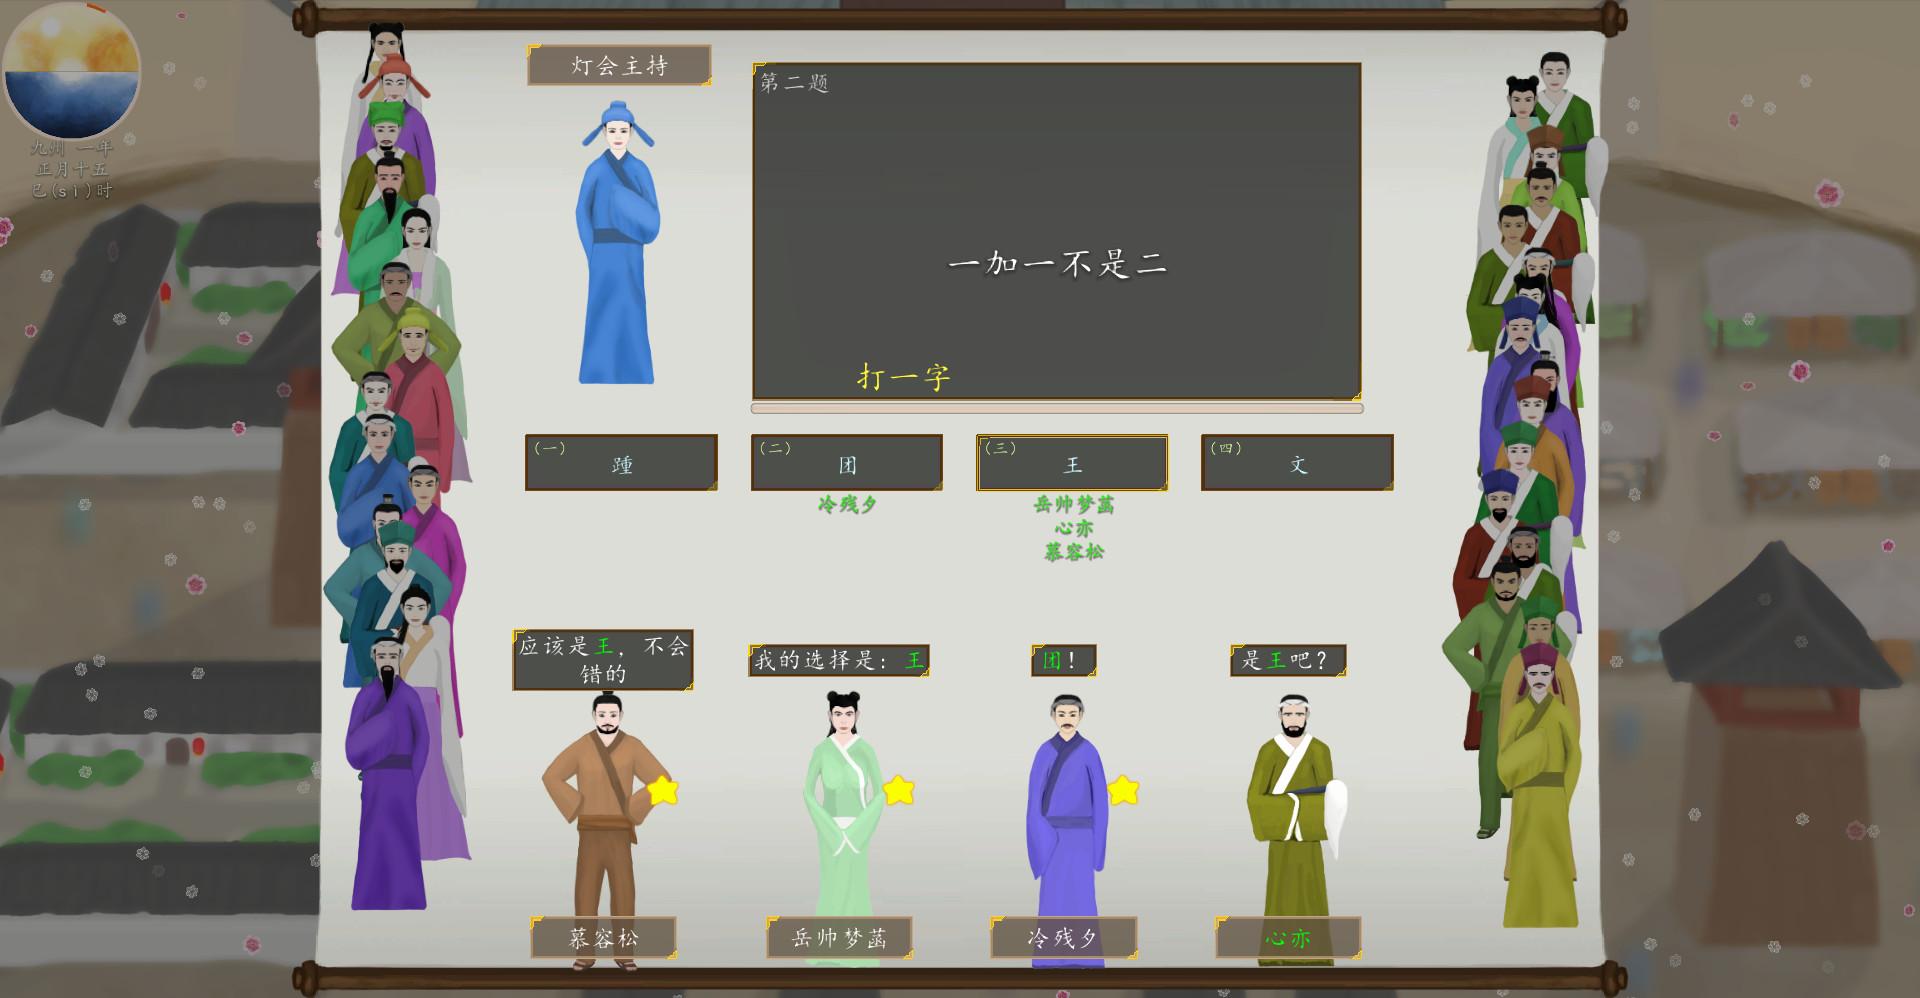 九州:商旅-正式版-v1.1.62 官中插图5